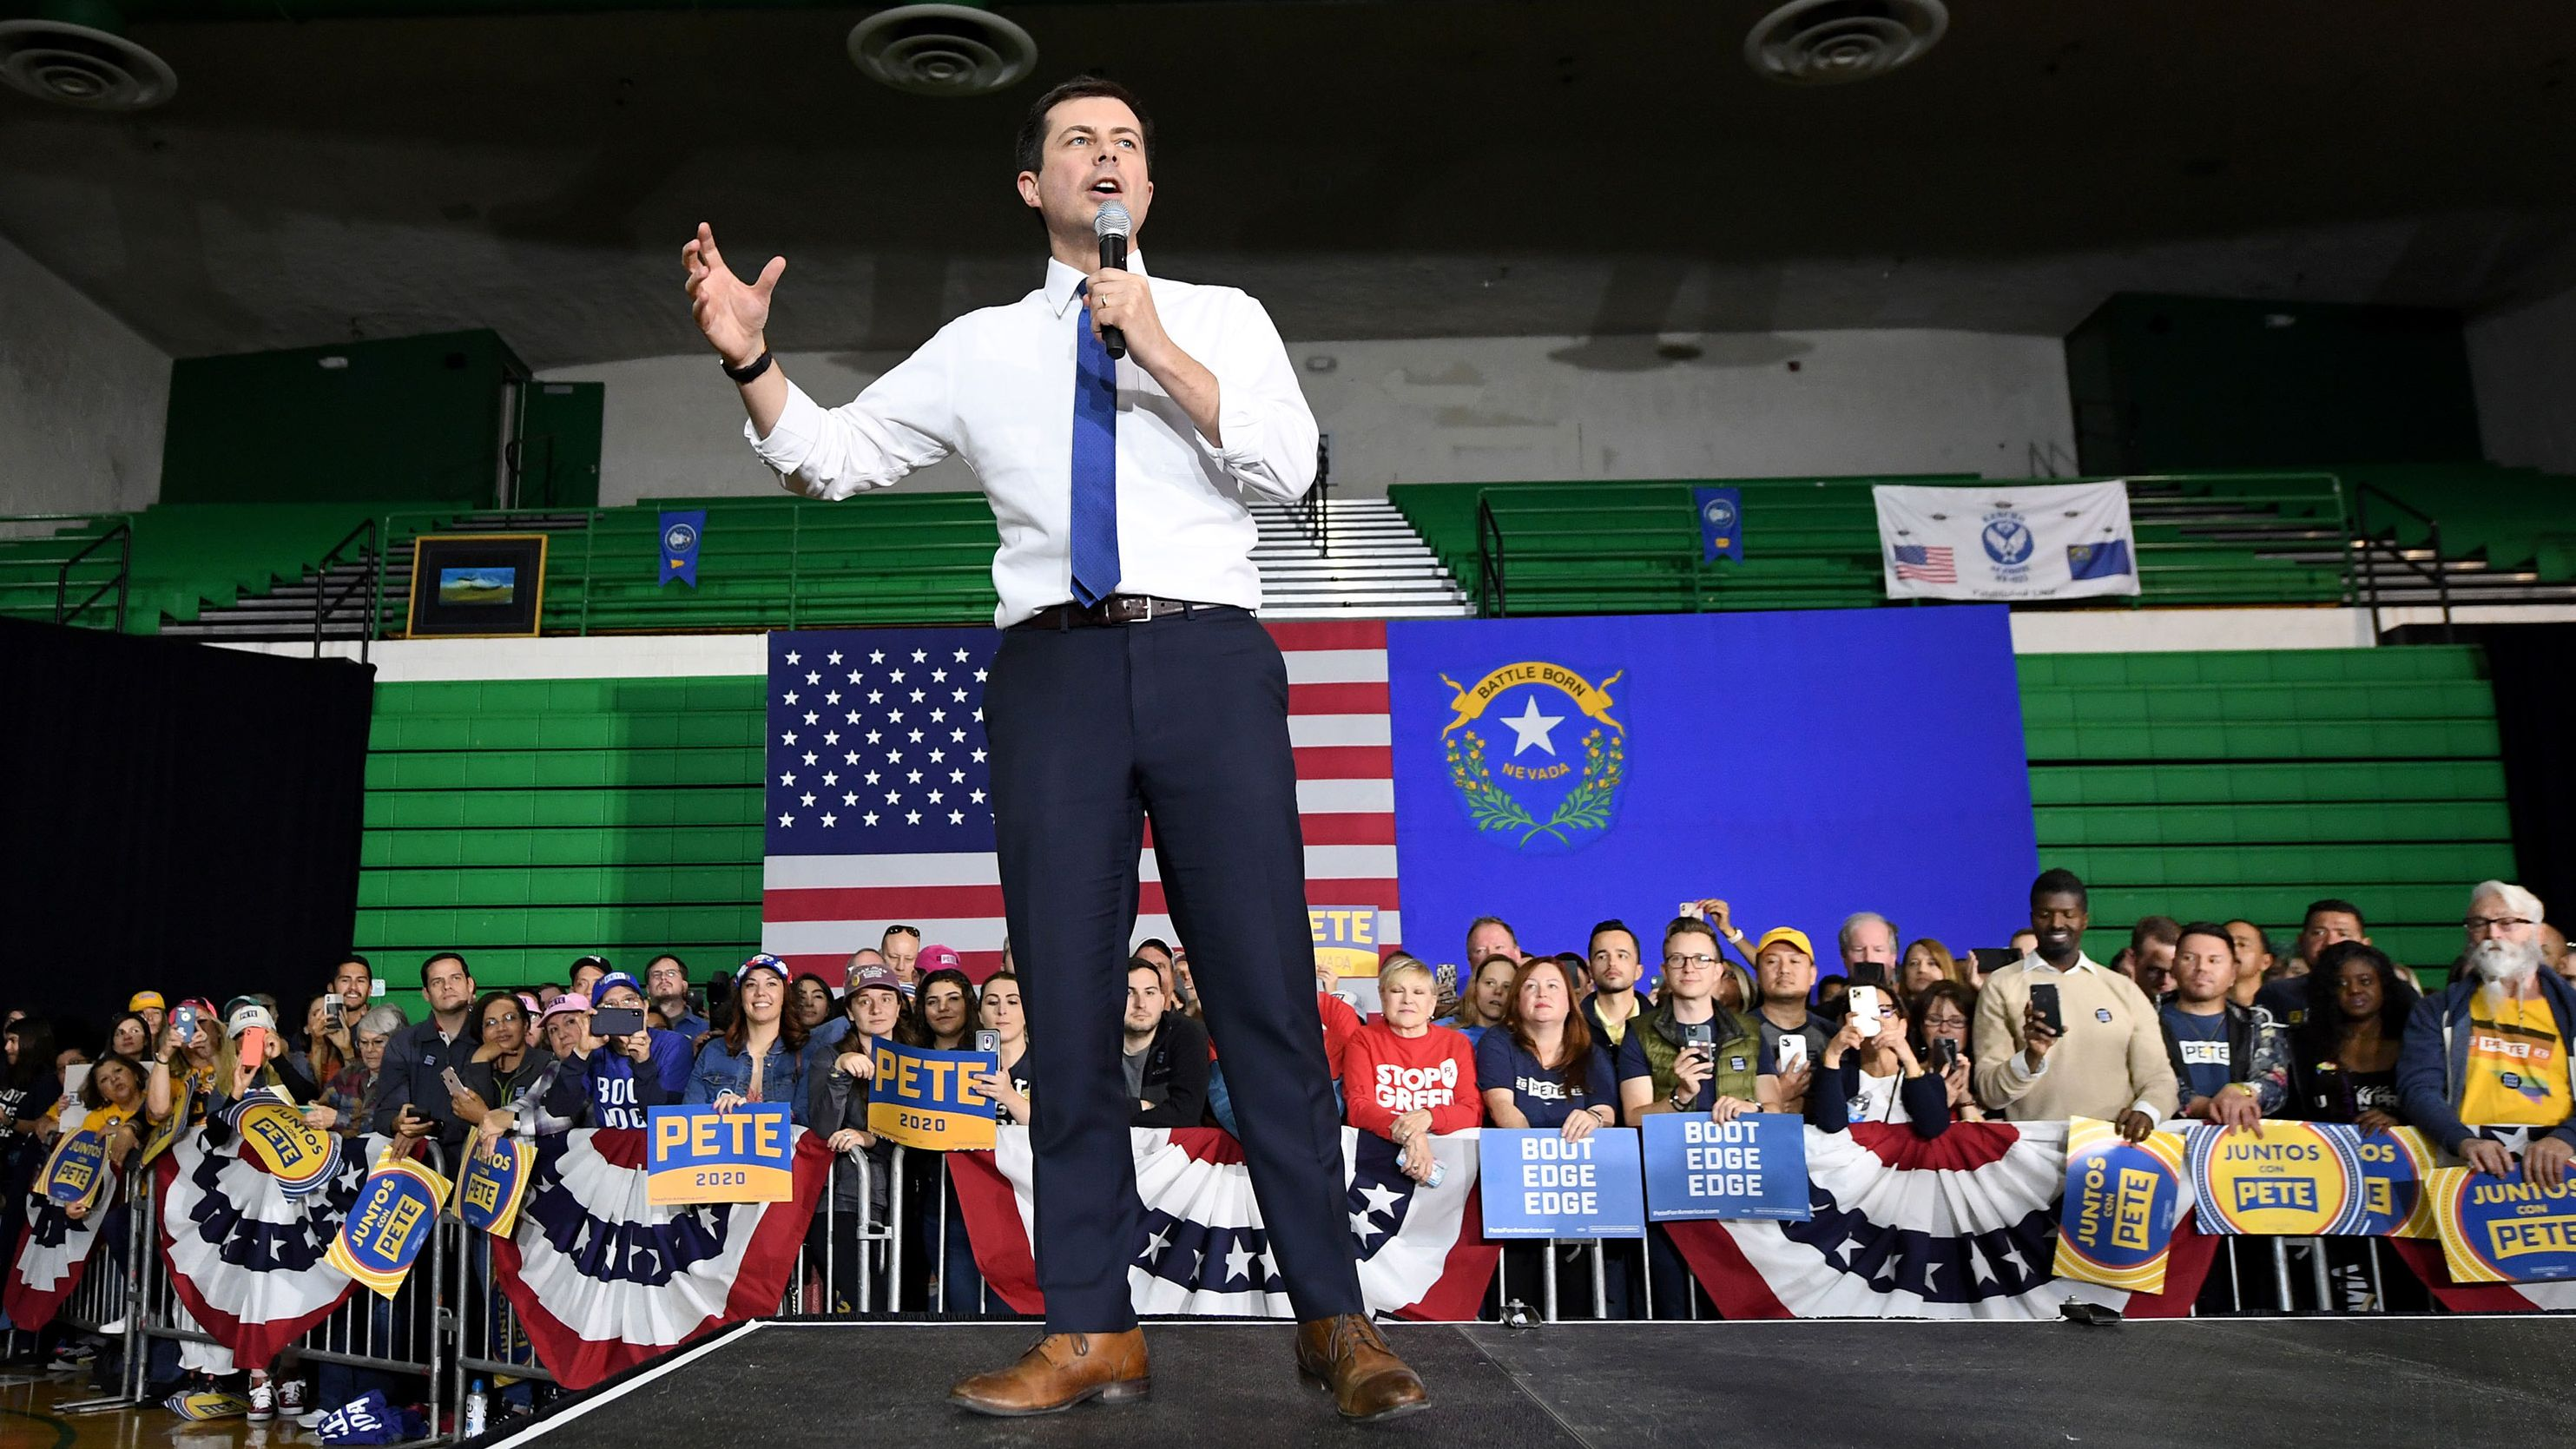 米大統領選:クリーンエネ予算4倍に、ピート・ブティジェッジ候補